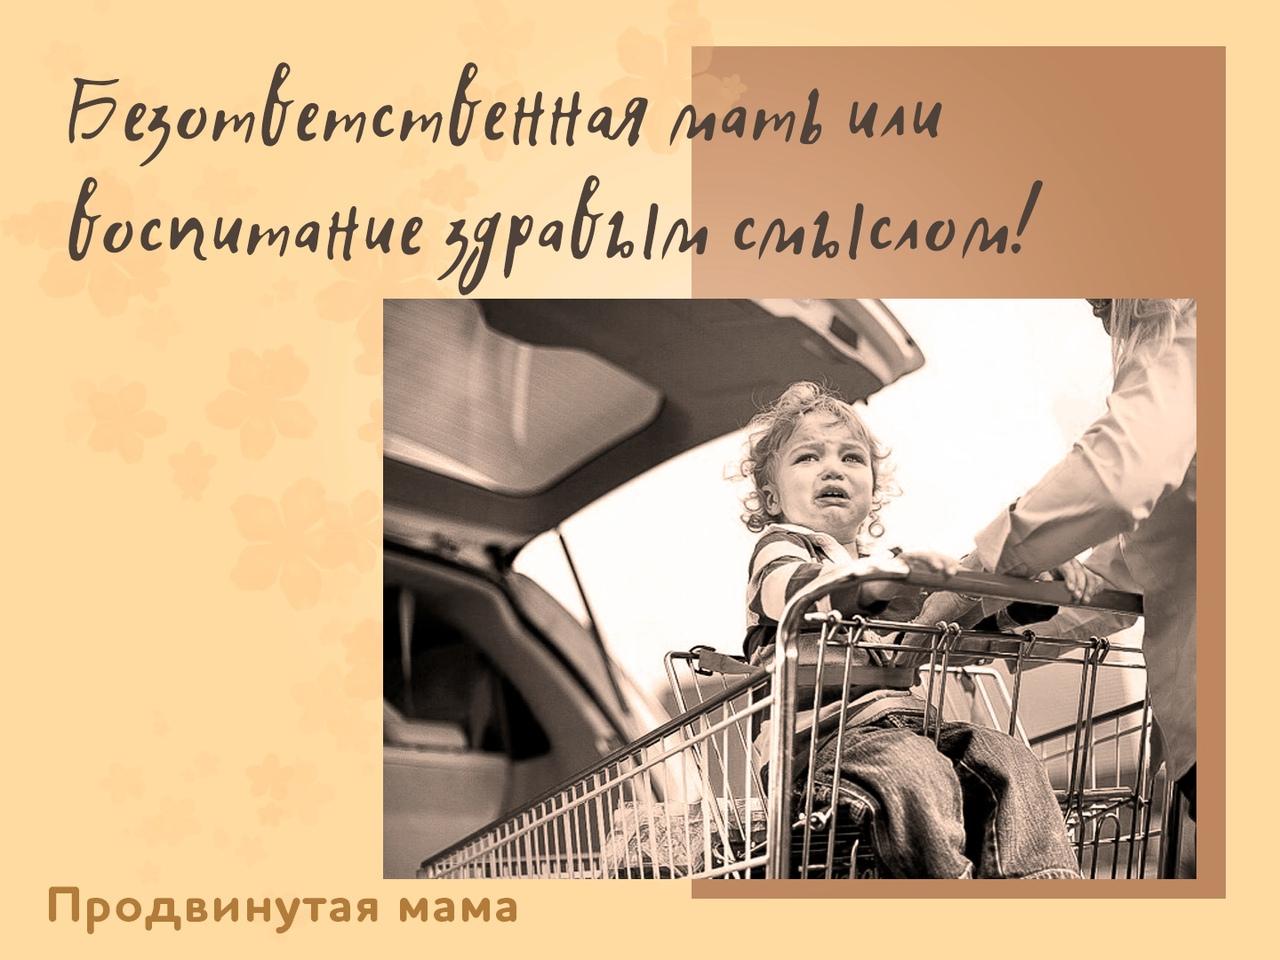 От администратора. То что материнство не должно быть трудным, я уже поняла давно...